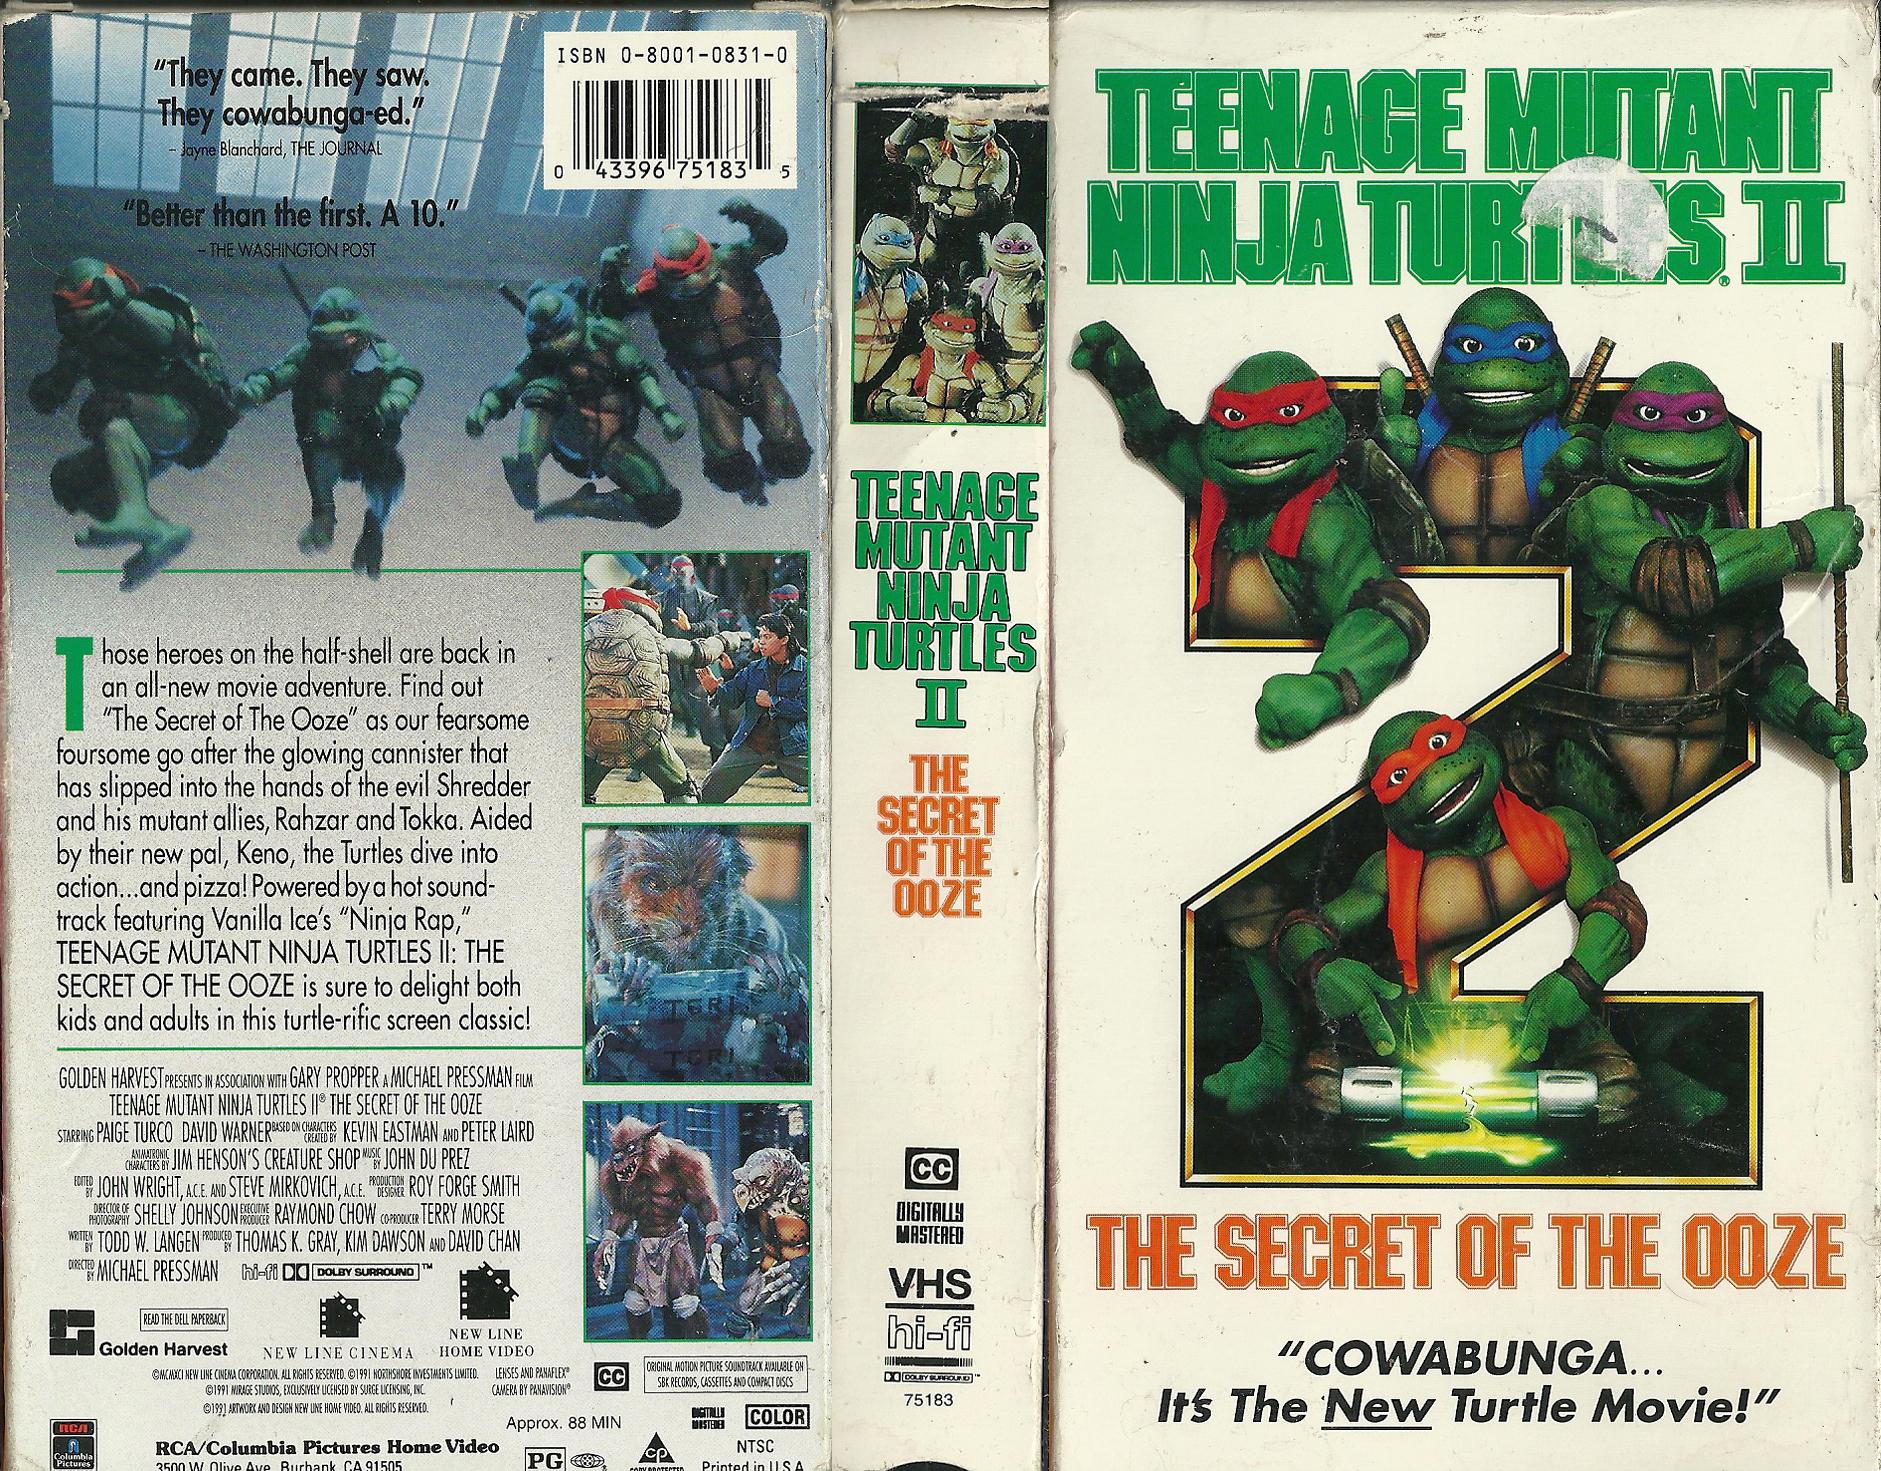 Teenage mutant ninja turtles secret of the ooze snapping turtle